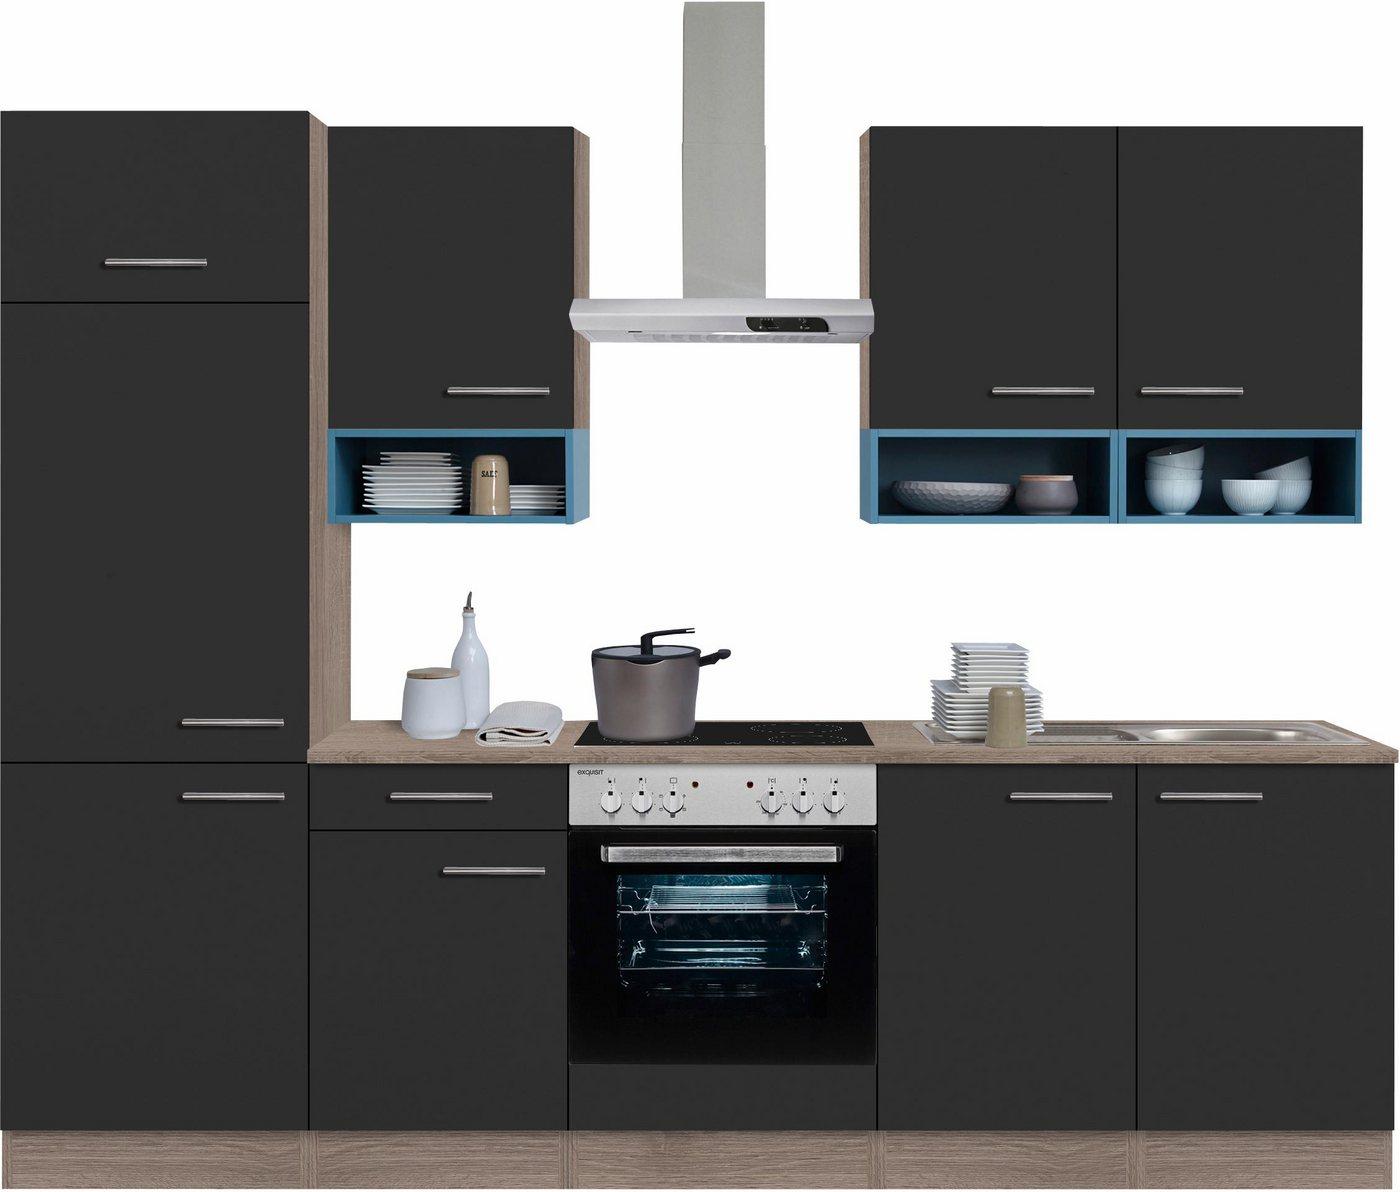 Küchenmöbel Einzelteile war schöne ideen für ihr haus ideen